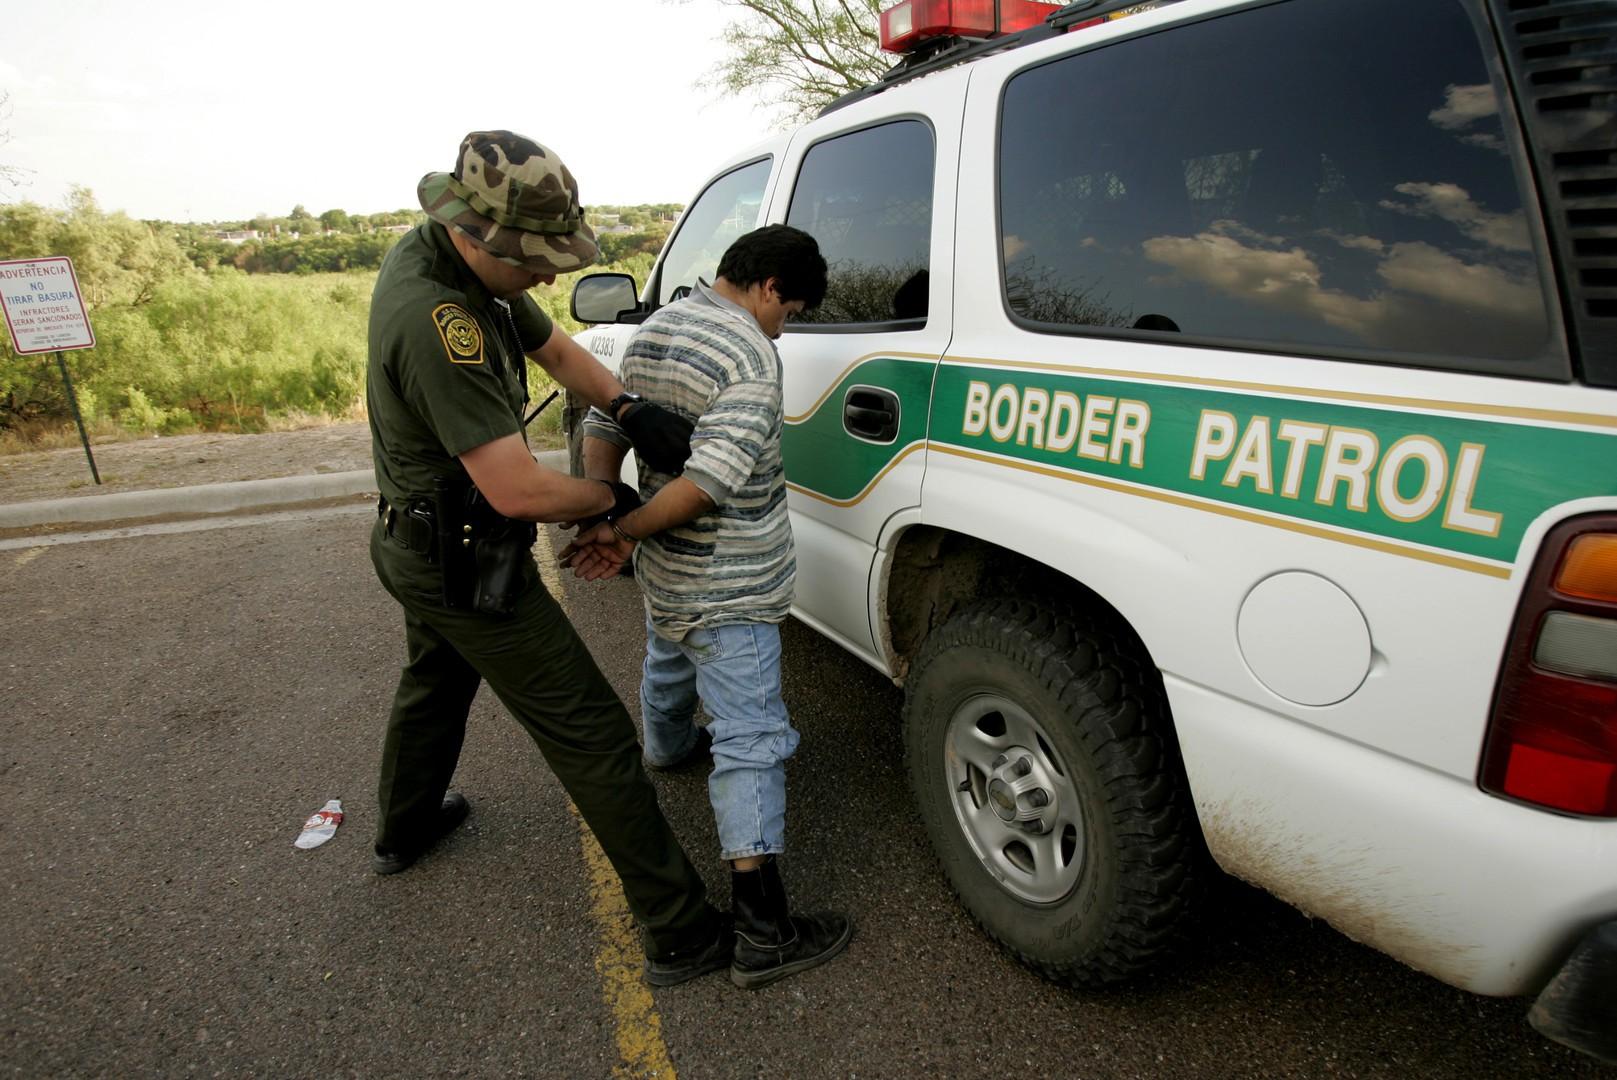 США ограничат выдачу виз гражданам 4 стран, - СМИ